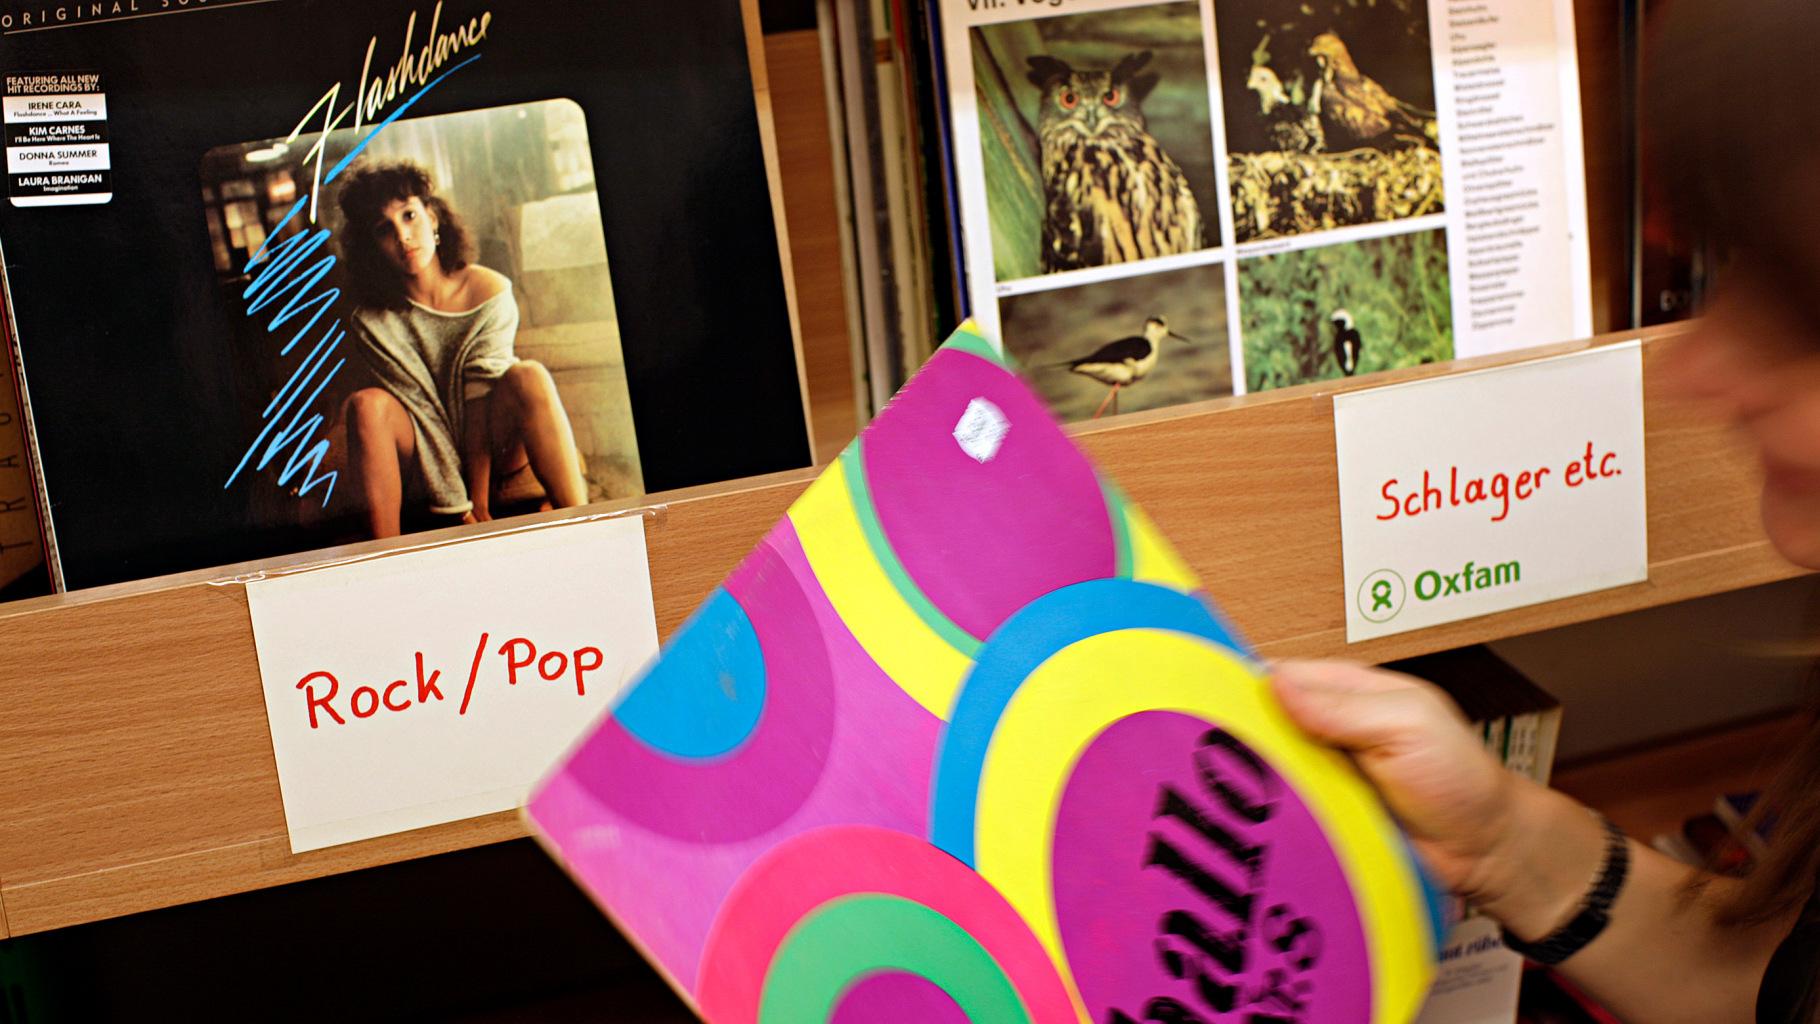 Schallplatten im Oxfam Shop